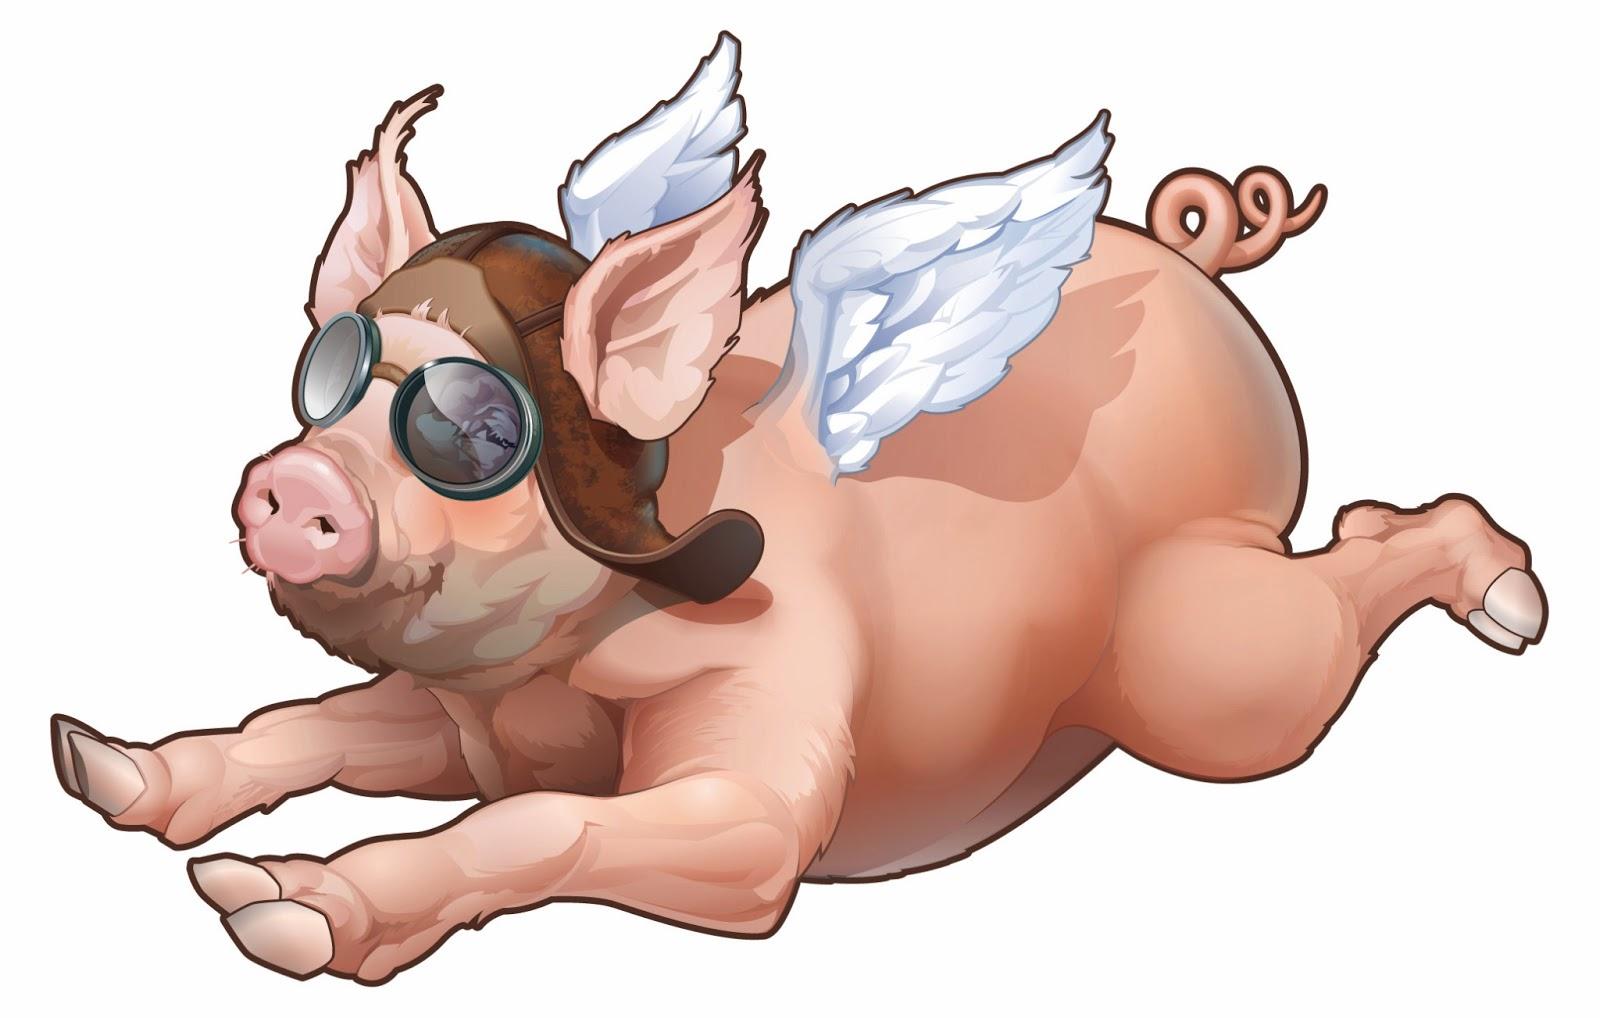 Pig xxx image porn clip